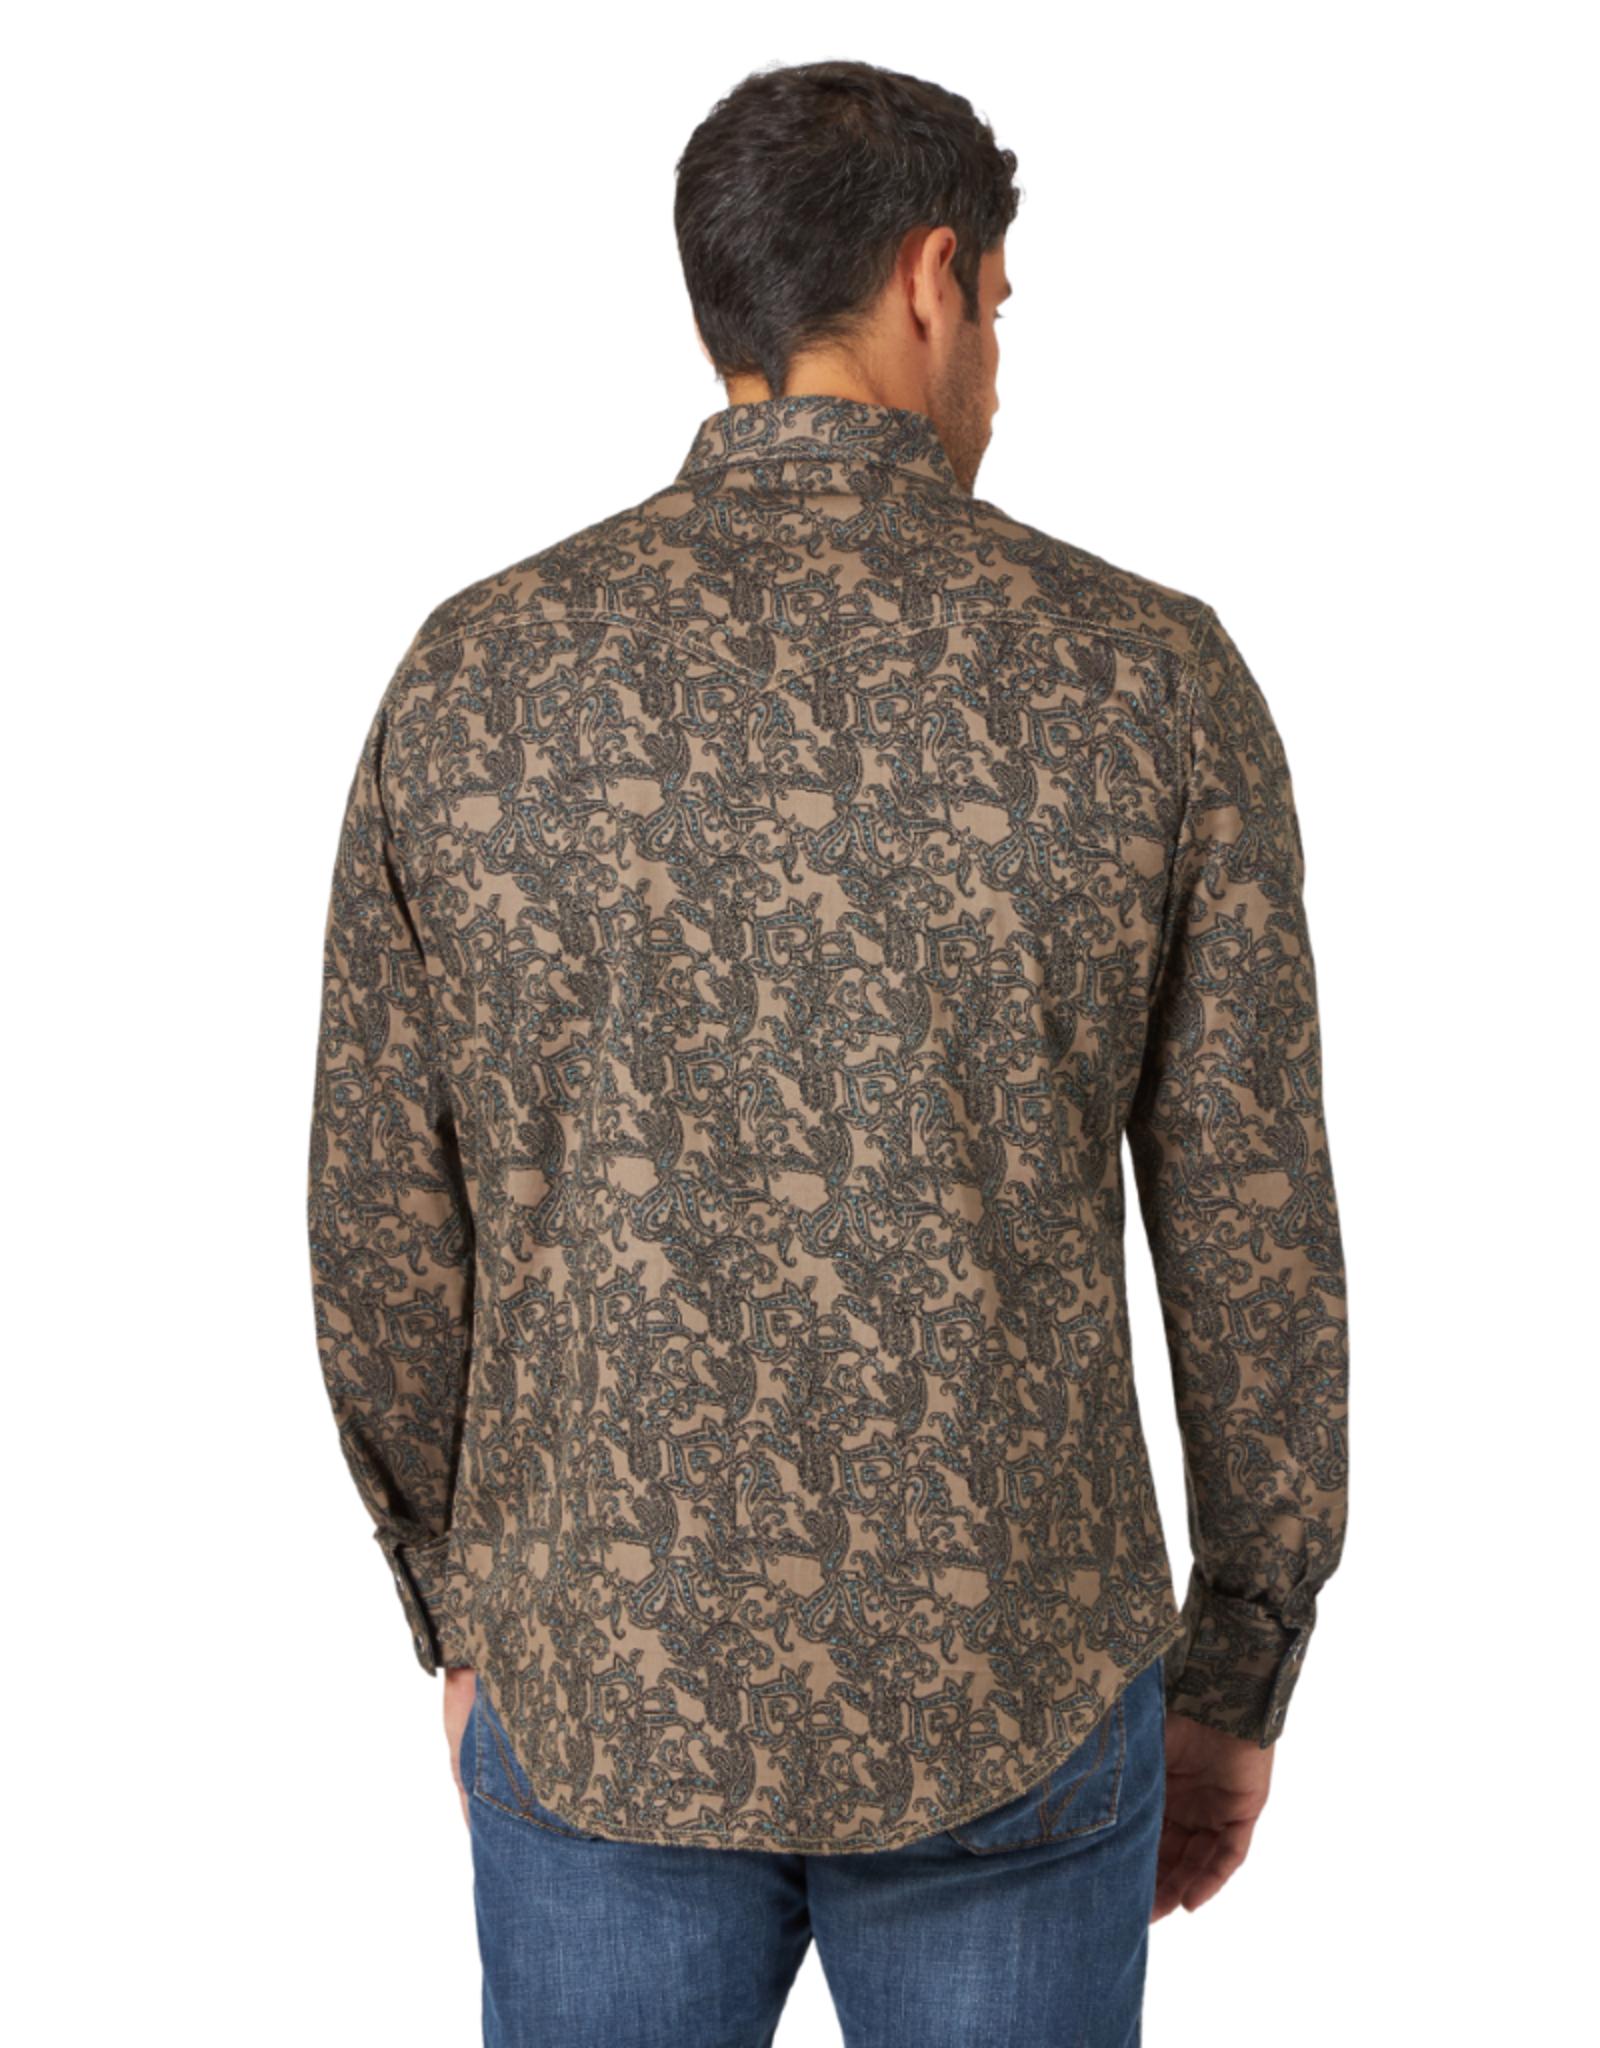 Wrangler Wrangler Retro Premium Paisley Print Shirt